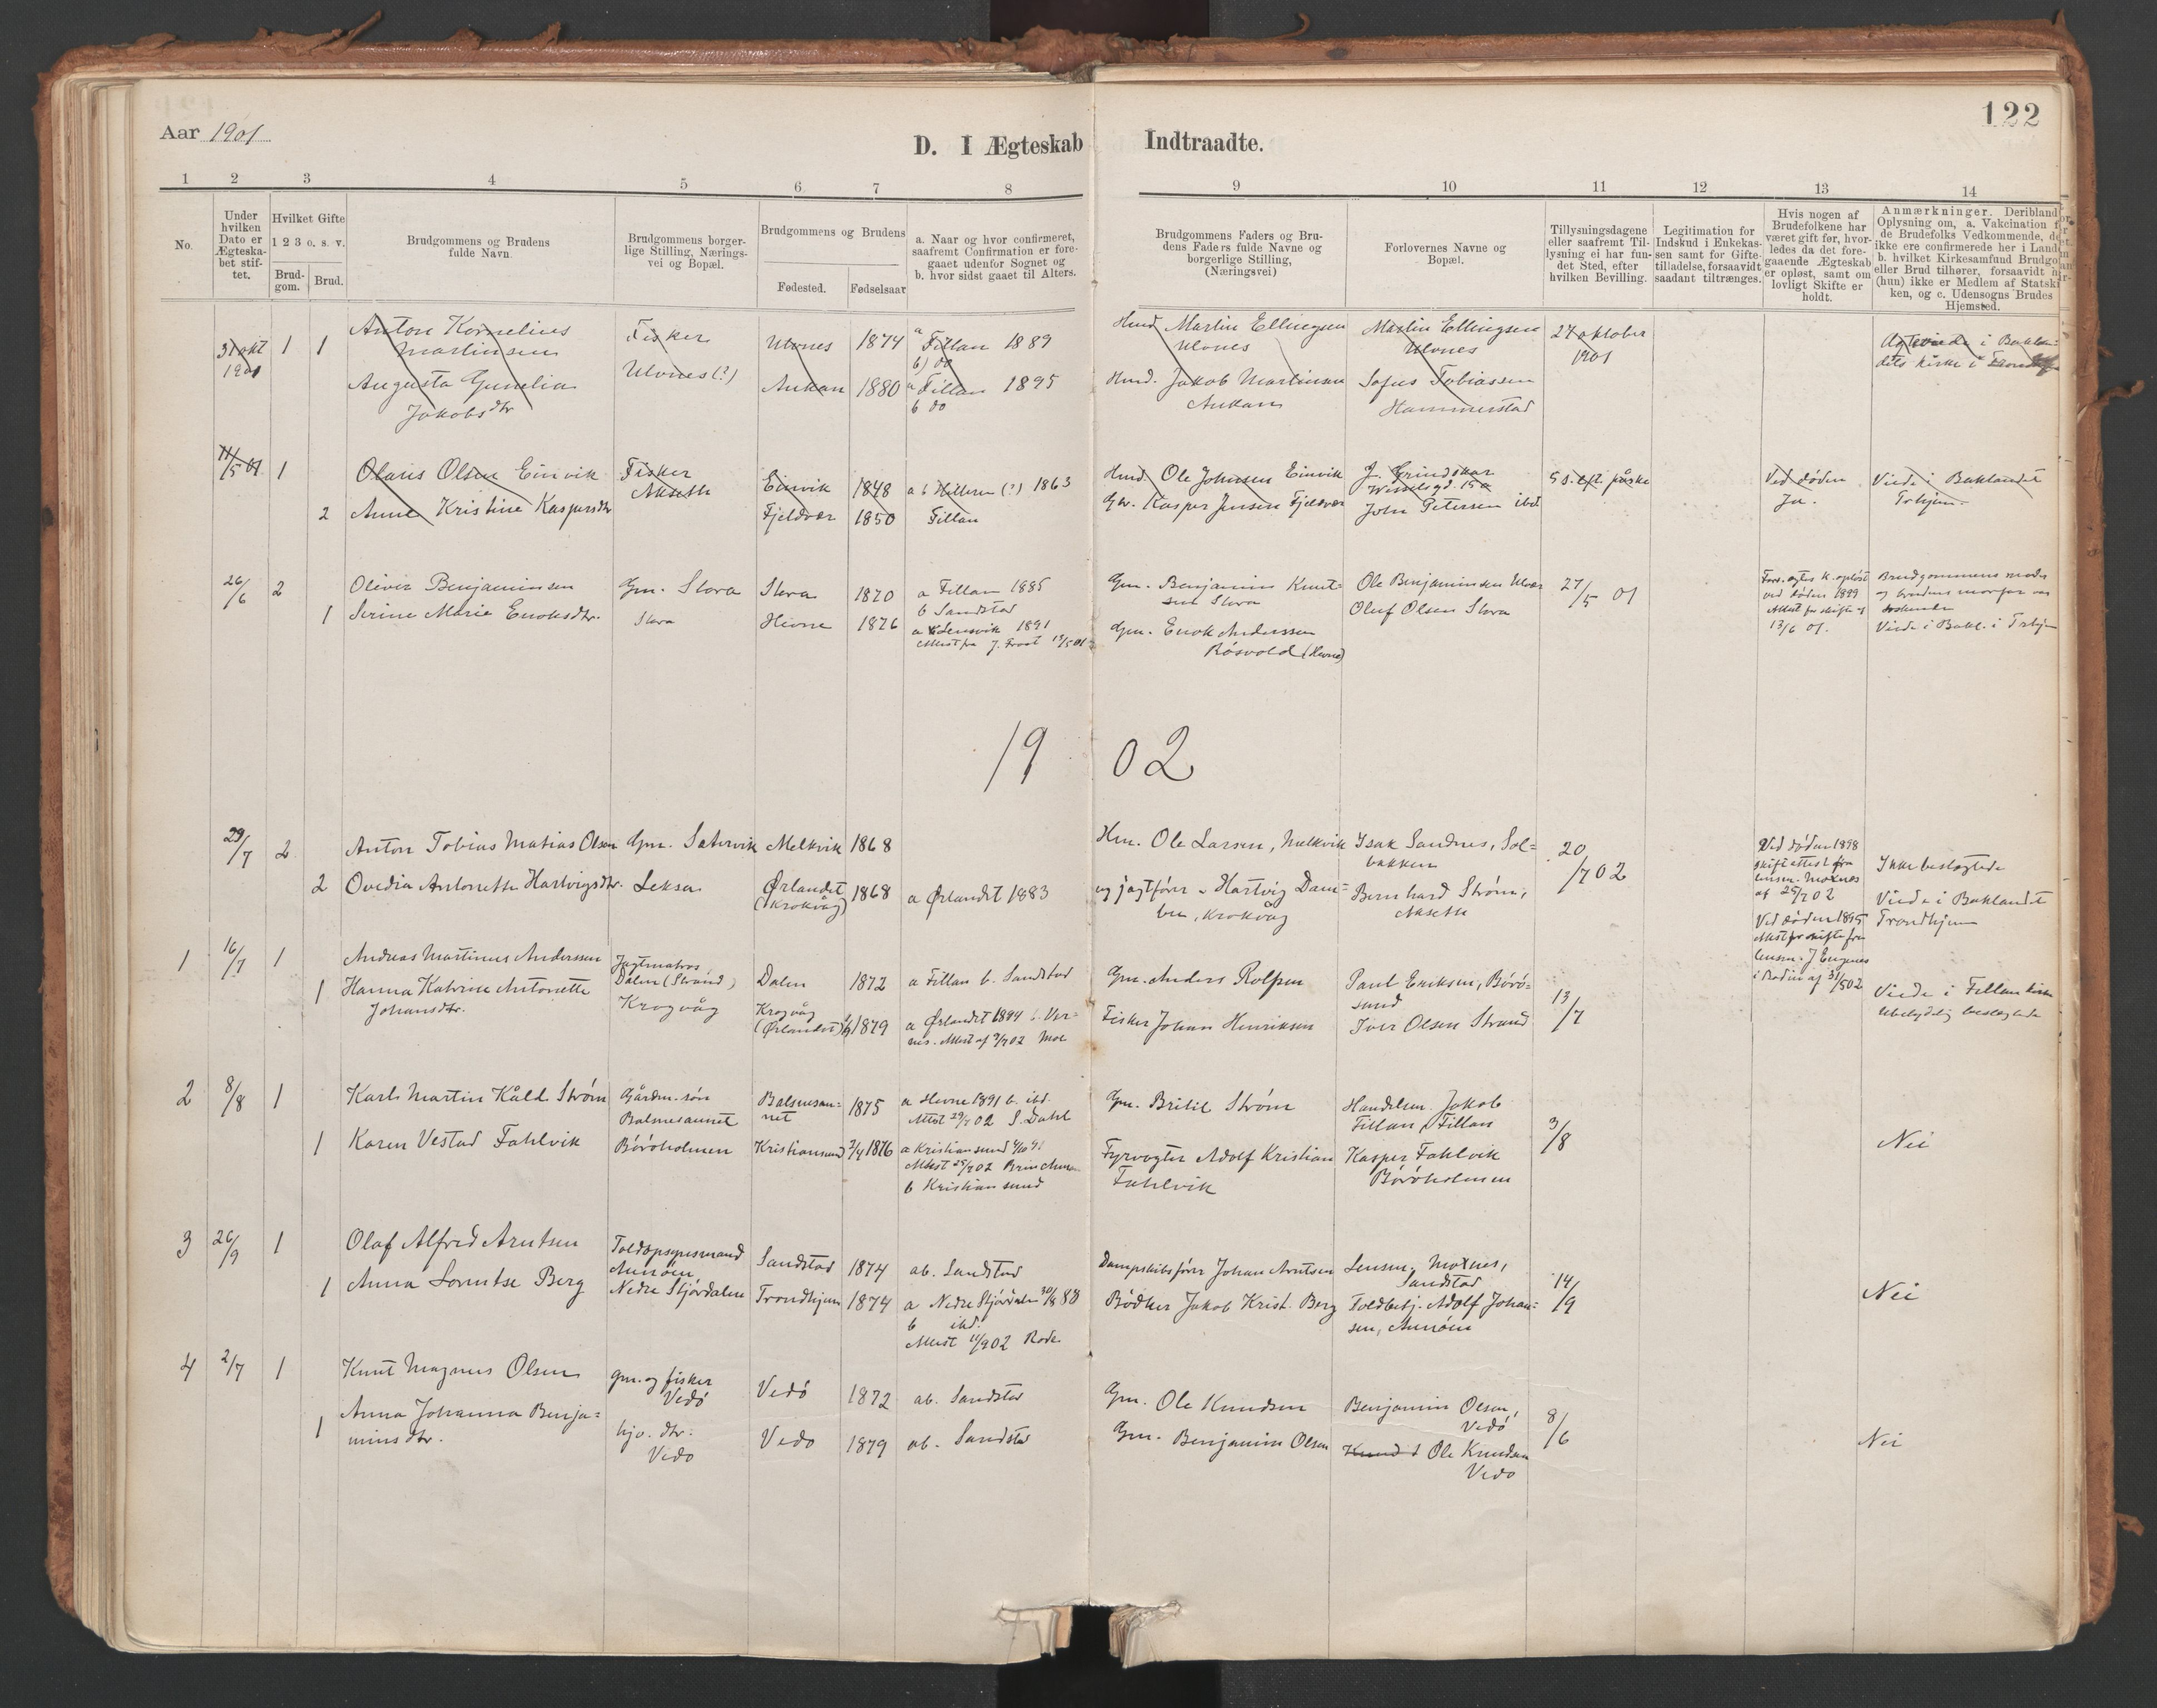 SAT, Ministerialprotokoller, klokkerbøker og fødselsregistre - Sør-Trøndelag, 639/L0572: Ministerialbok nr. 639A01, 1890-1920, s. 122